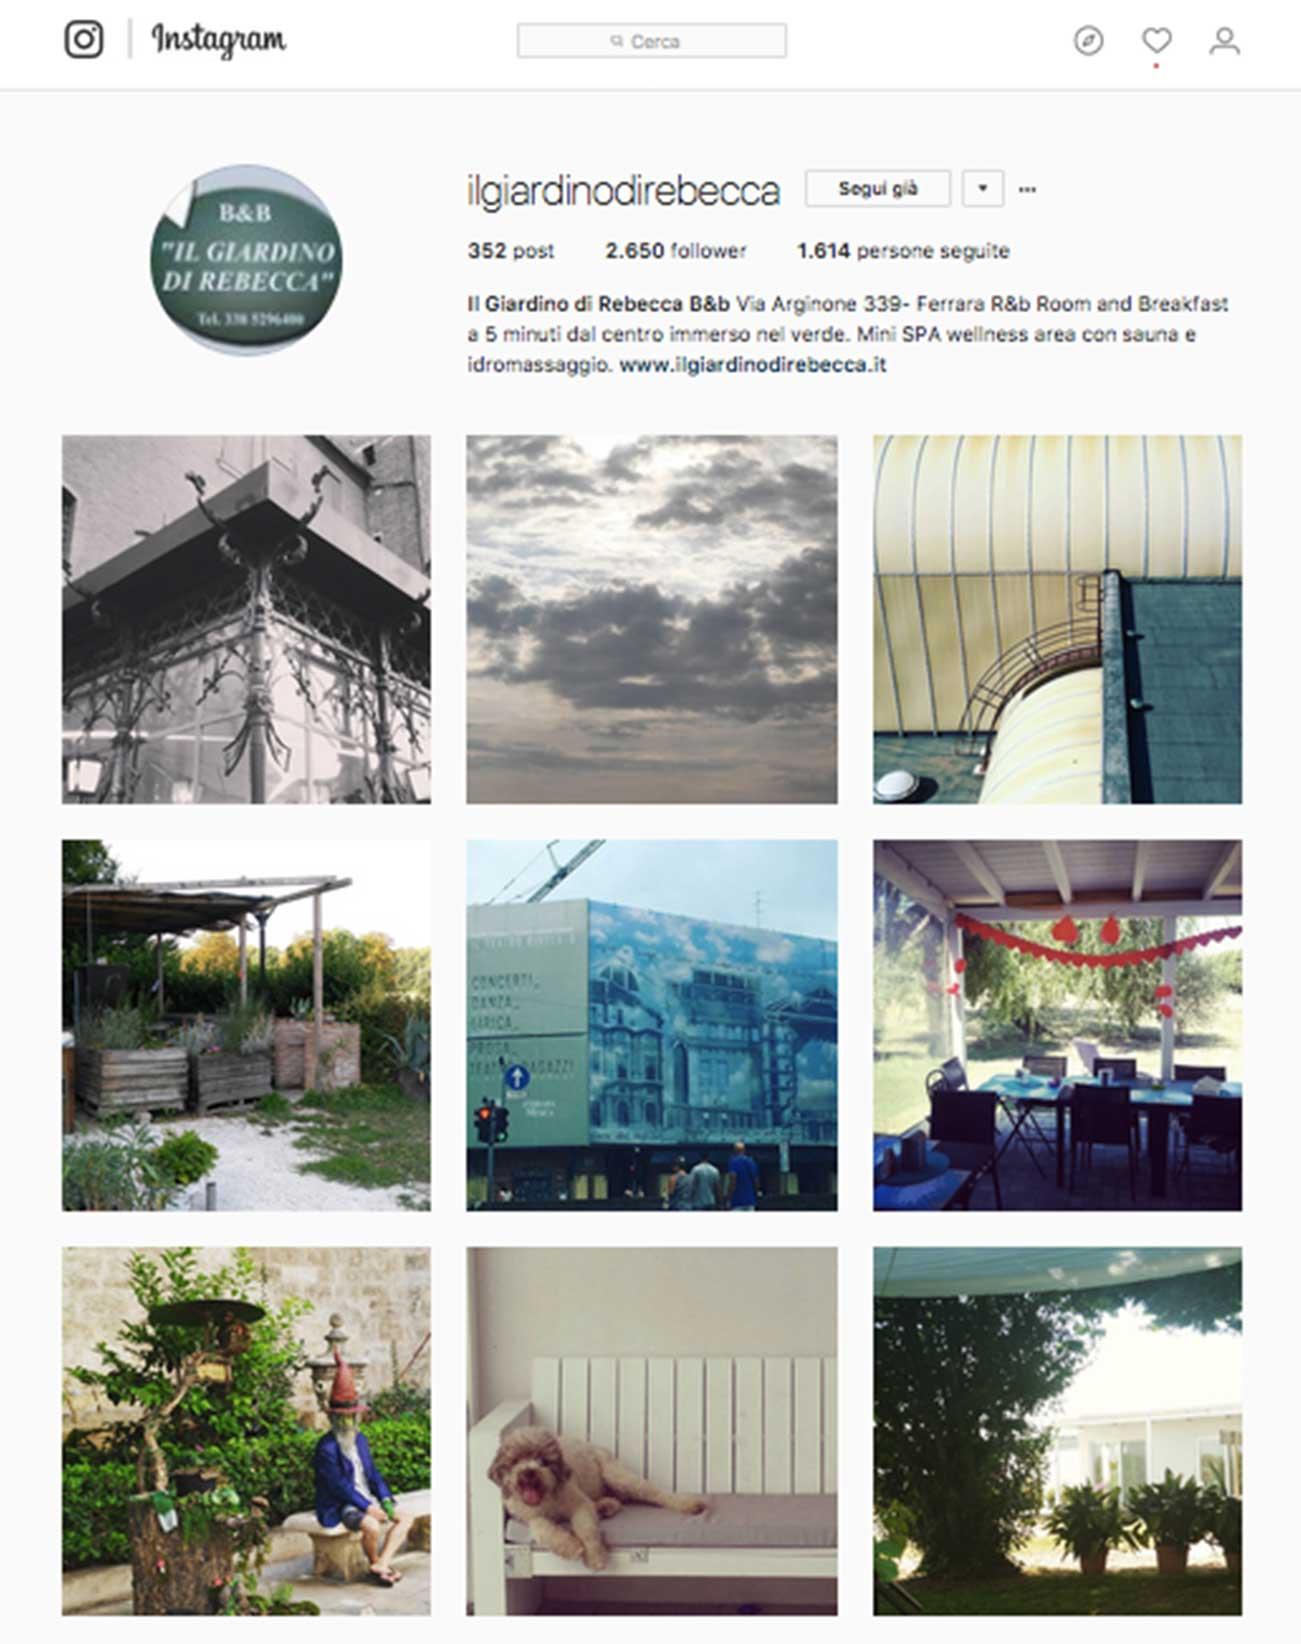 il-giardino-di-rebecca-instagram